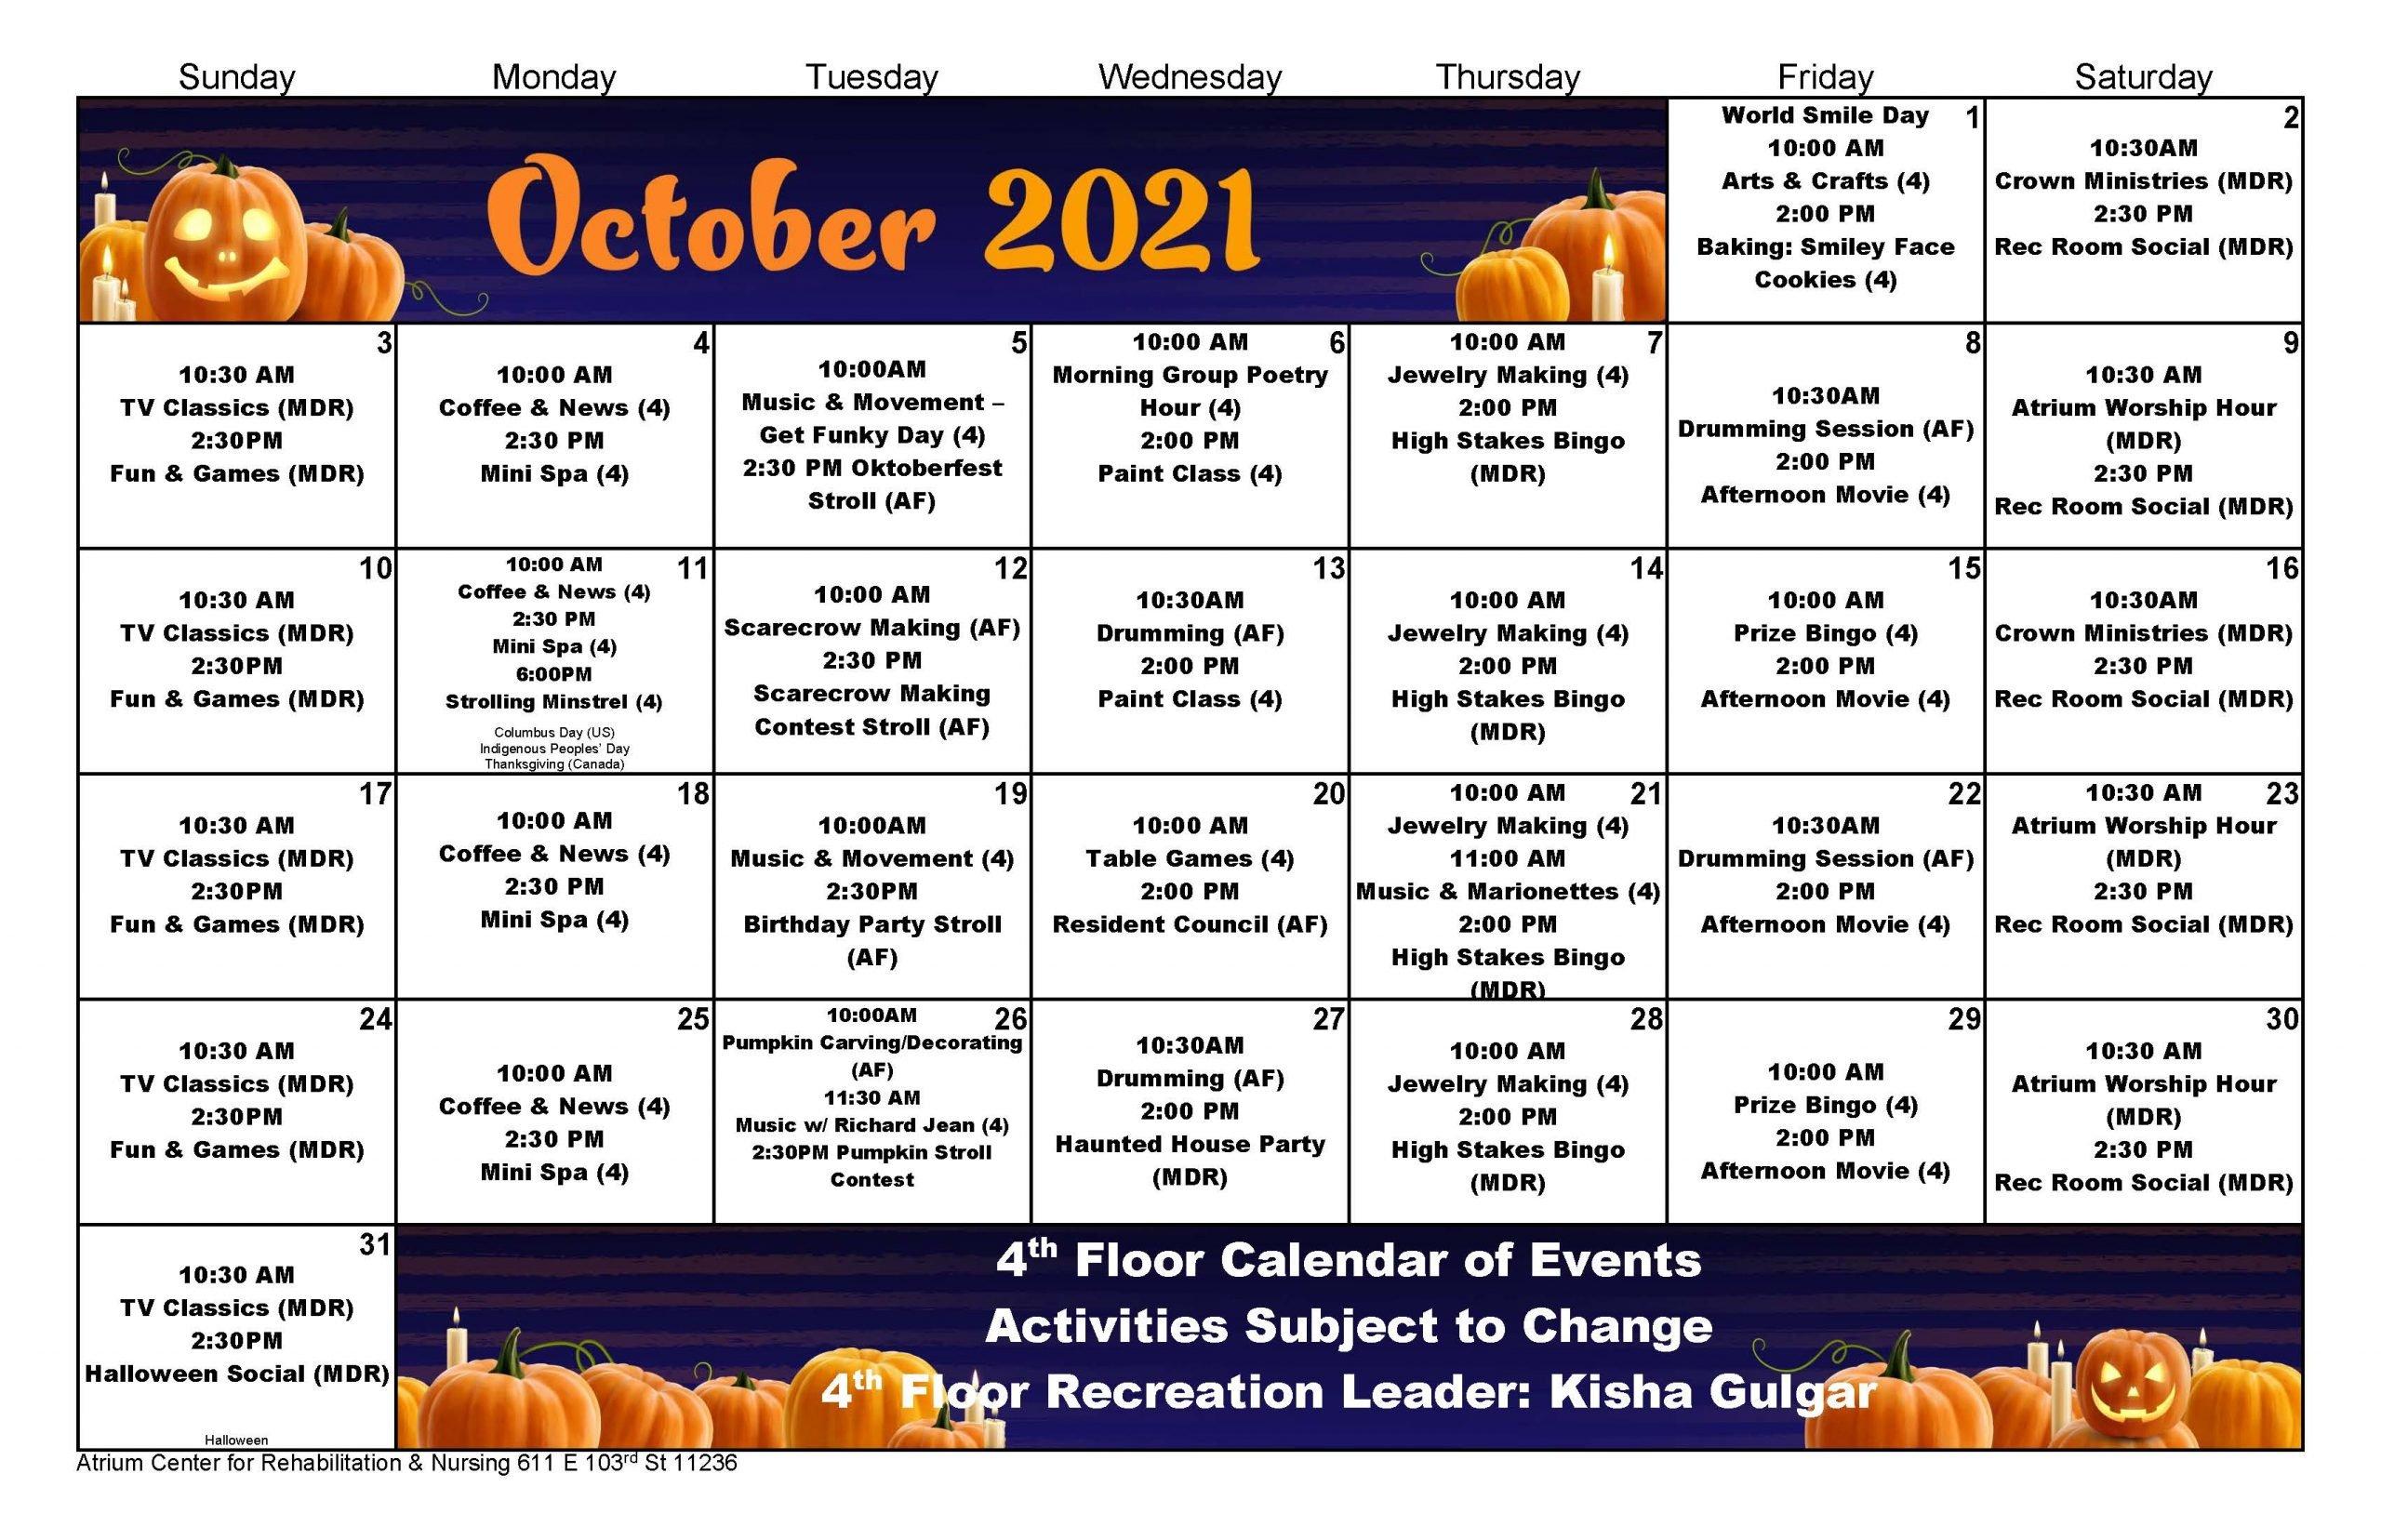 Atrium Center October 2021 Calendar - 4th Floor